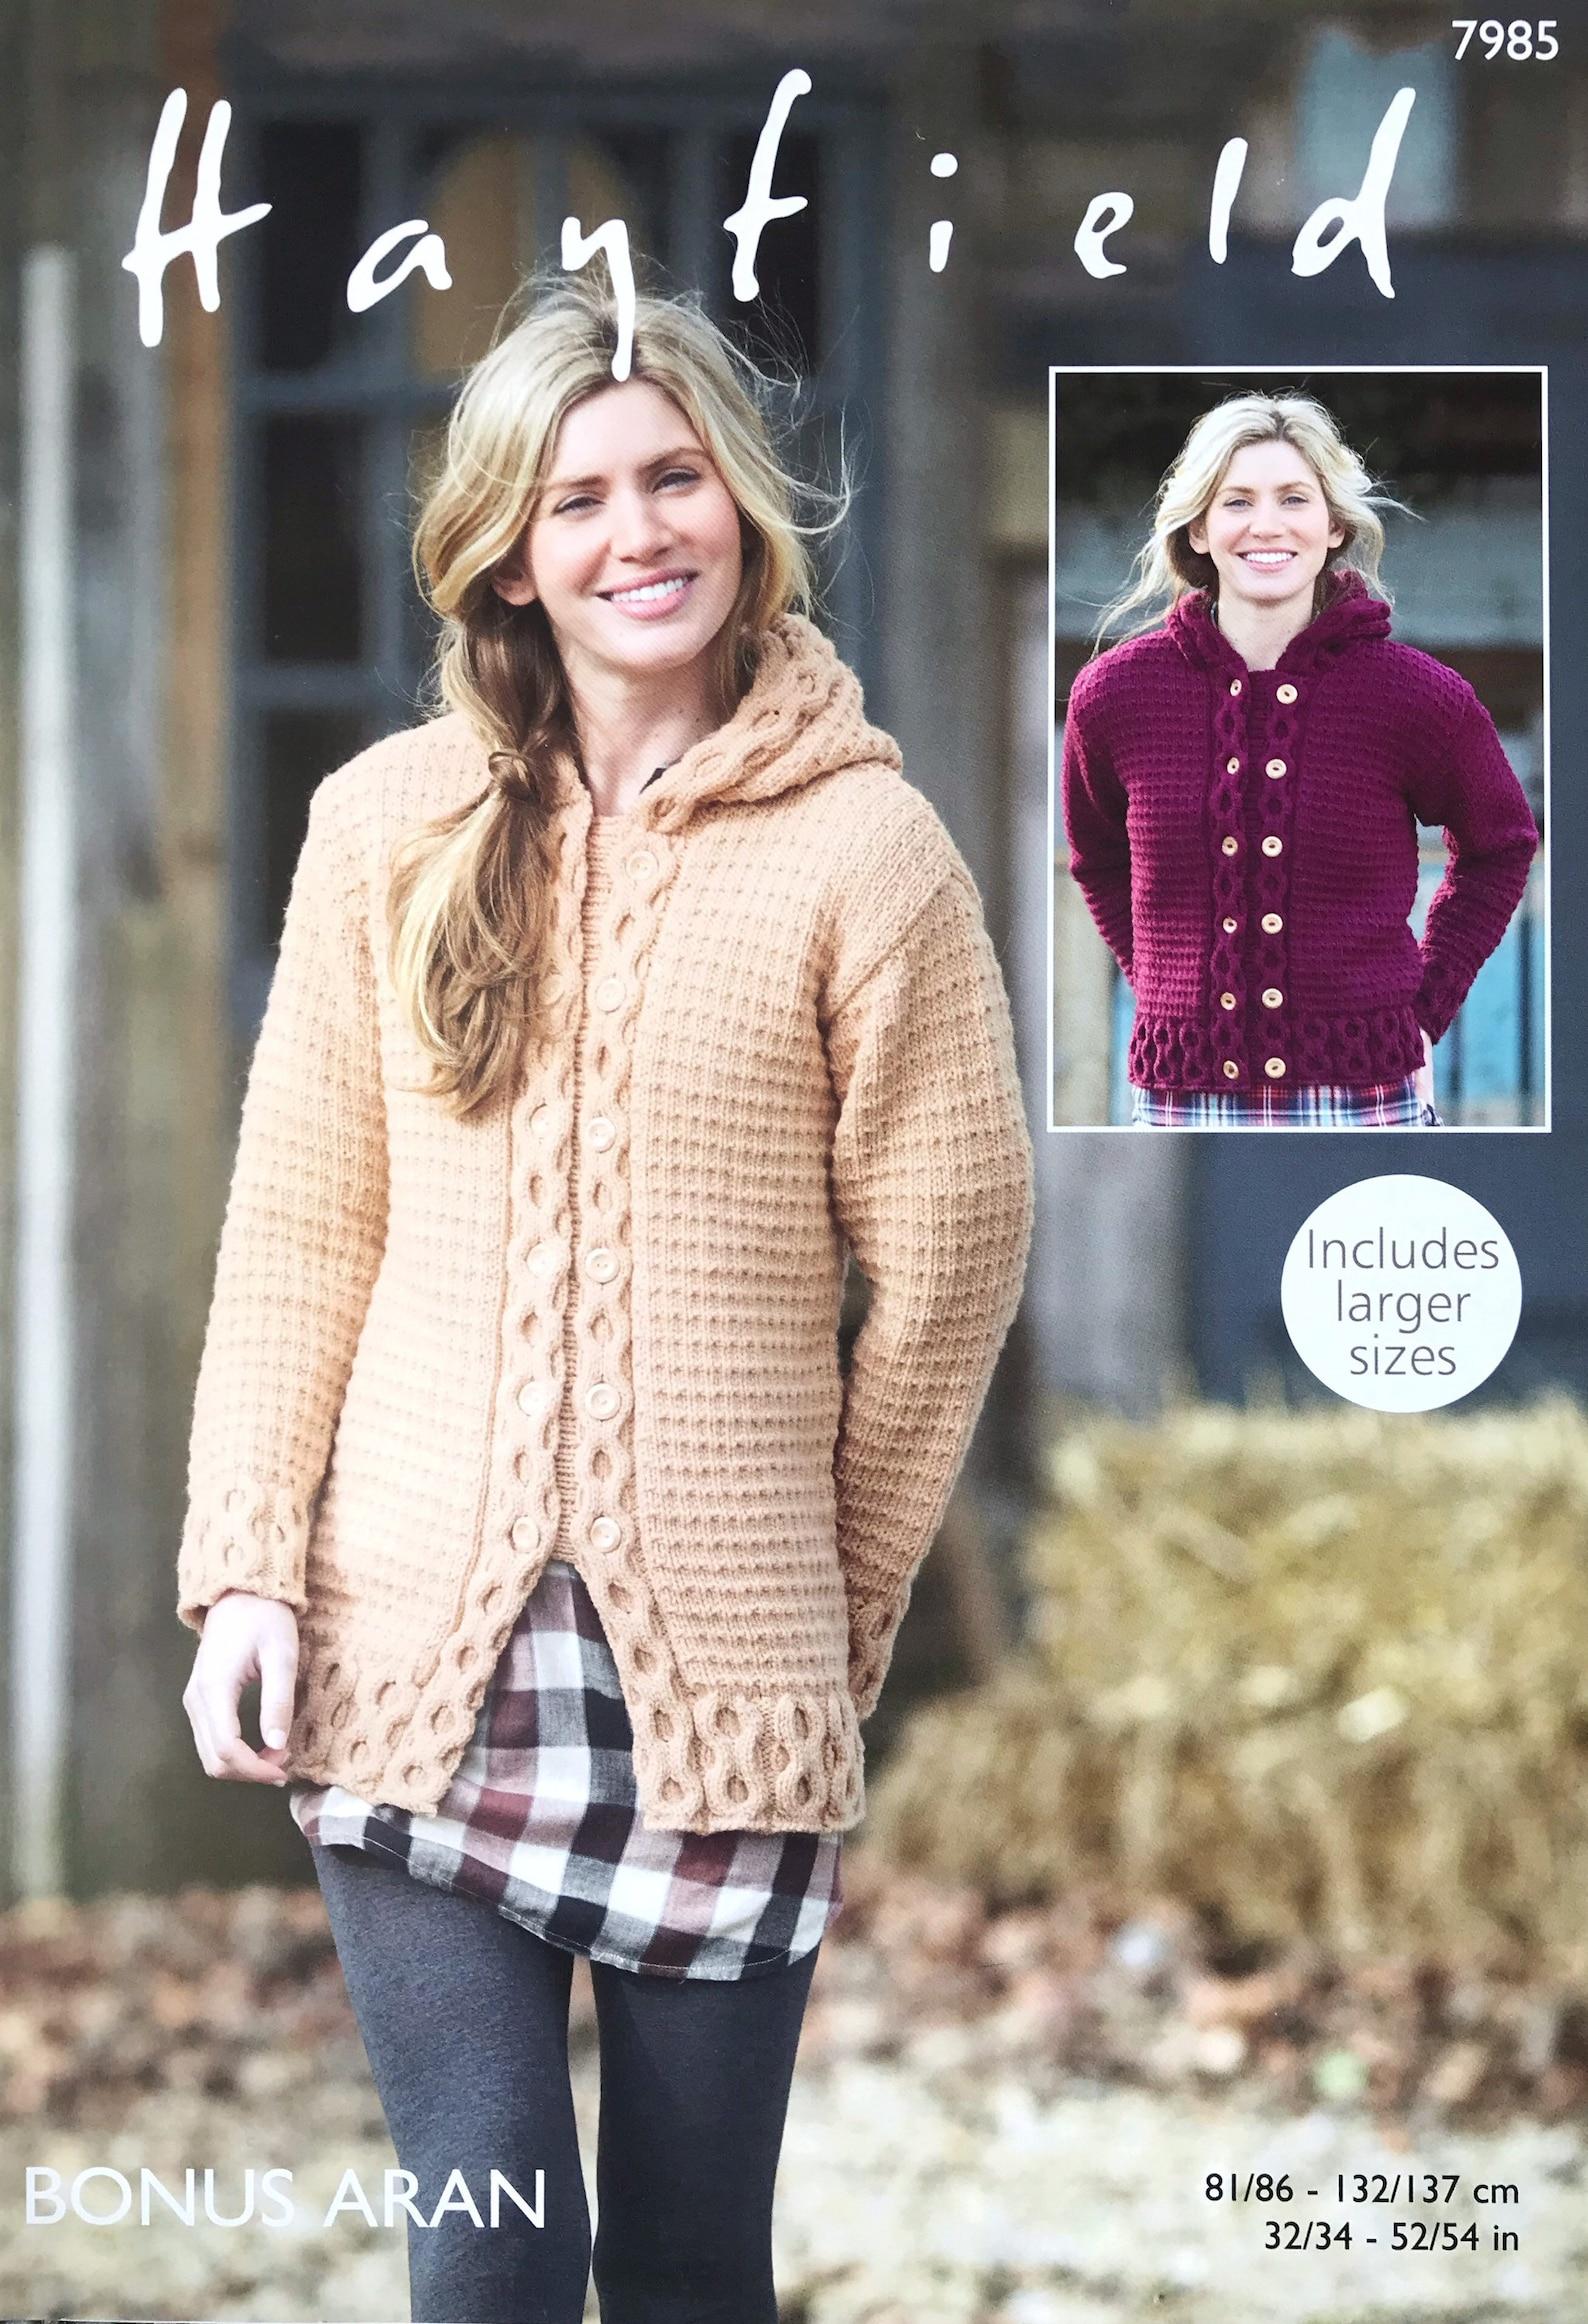 Aran Jacke stricken Muster Doppel-Brust größere Größen   Etsy